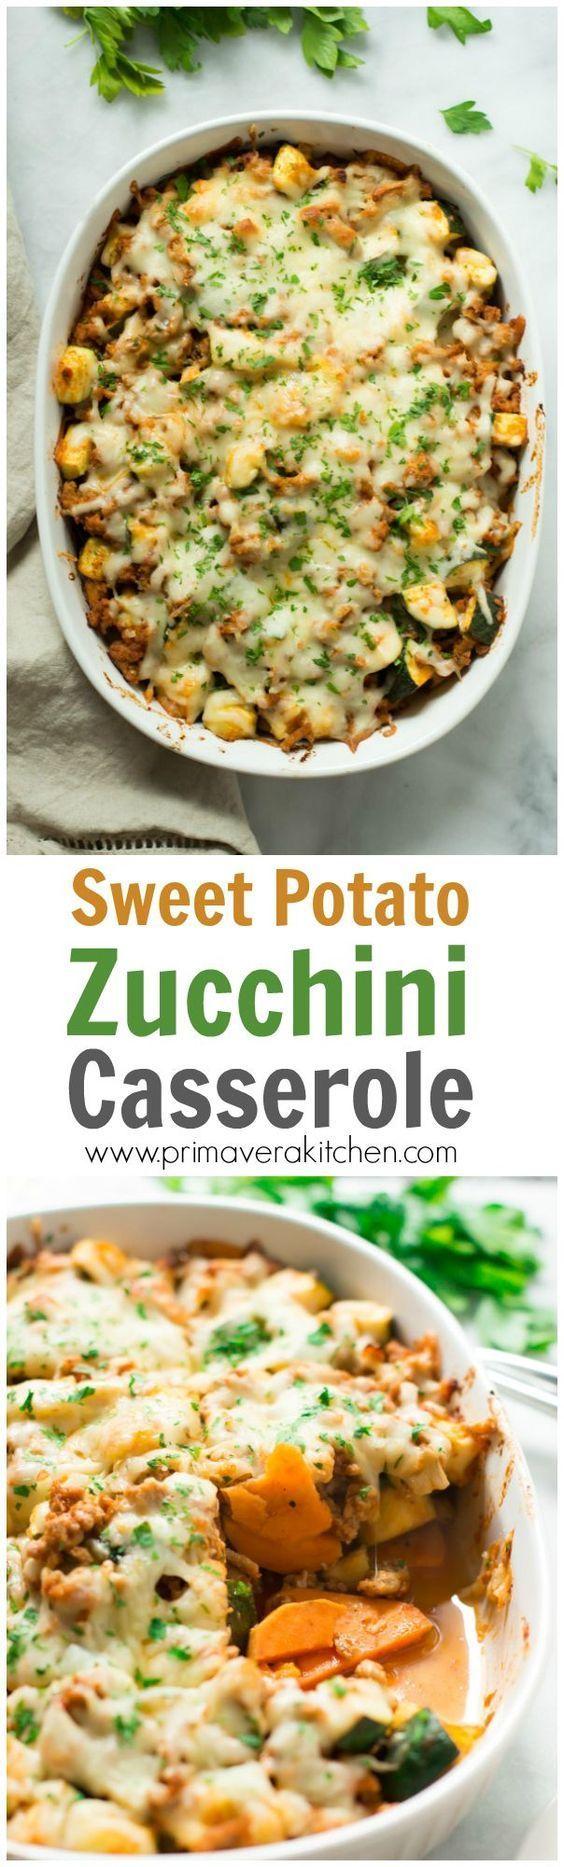 sweet-potato-zucchini-casserole - This Sweet Potato Zucchini Casserole recipe is…